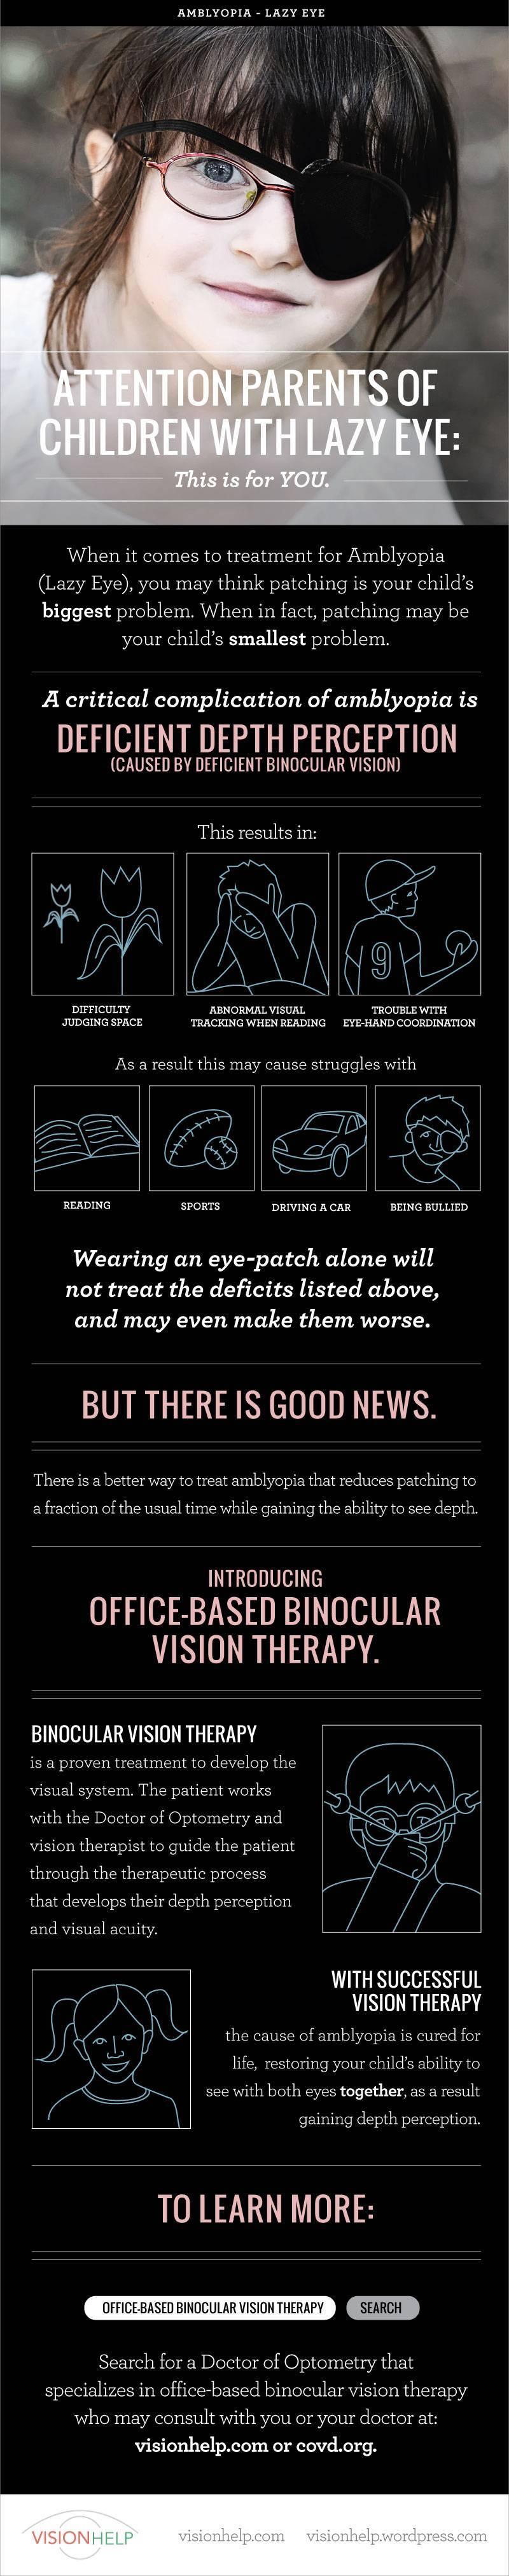 Amblyopia Infographic